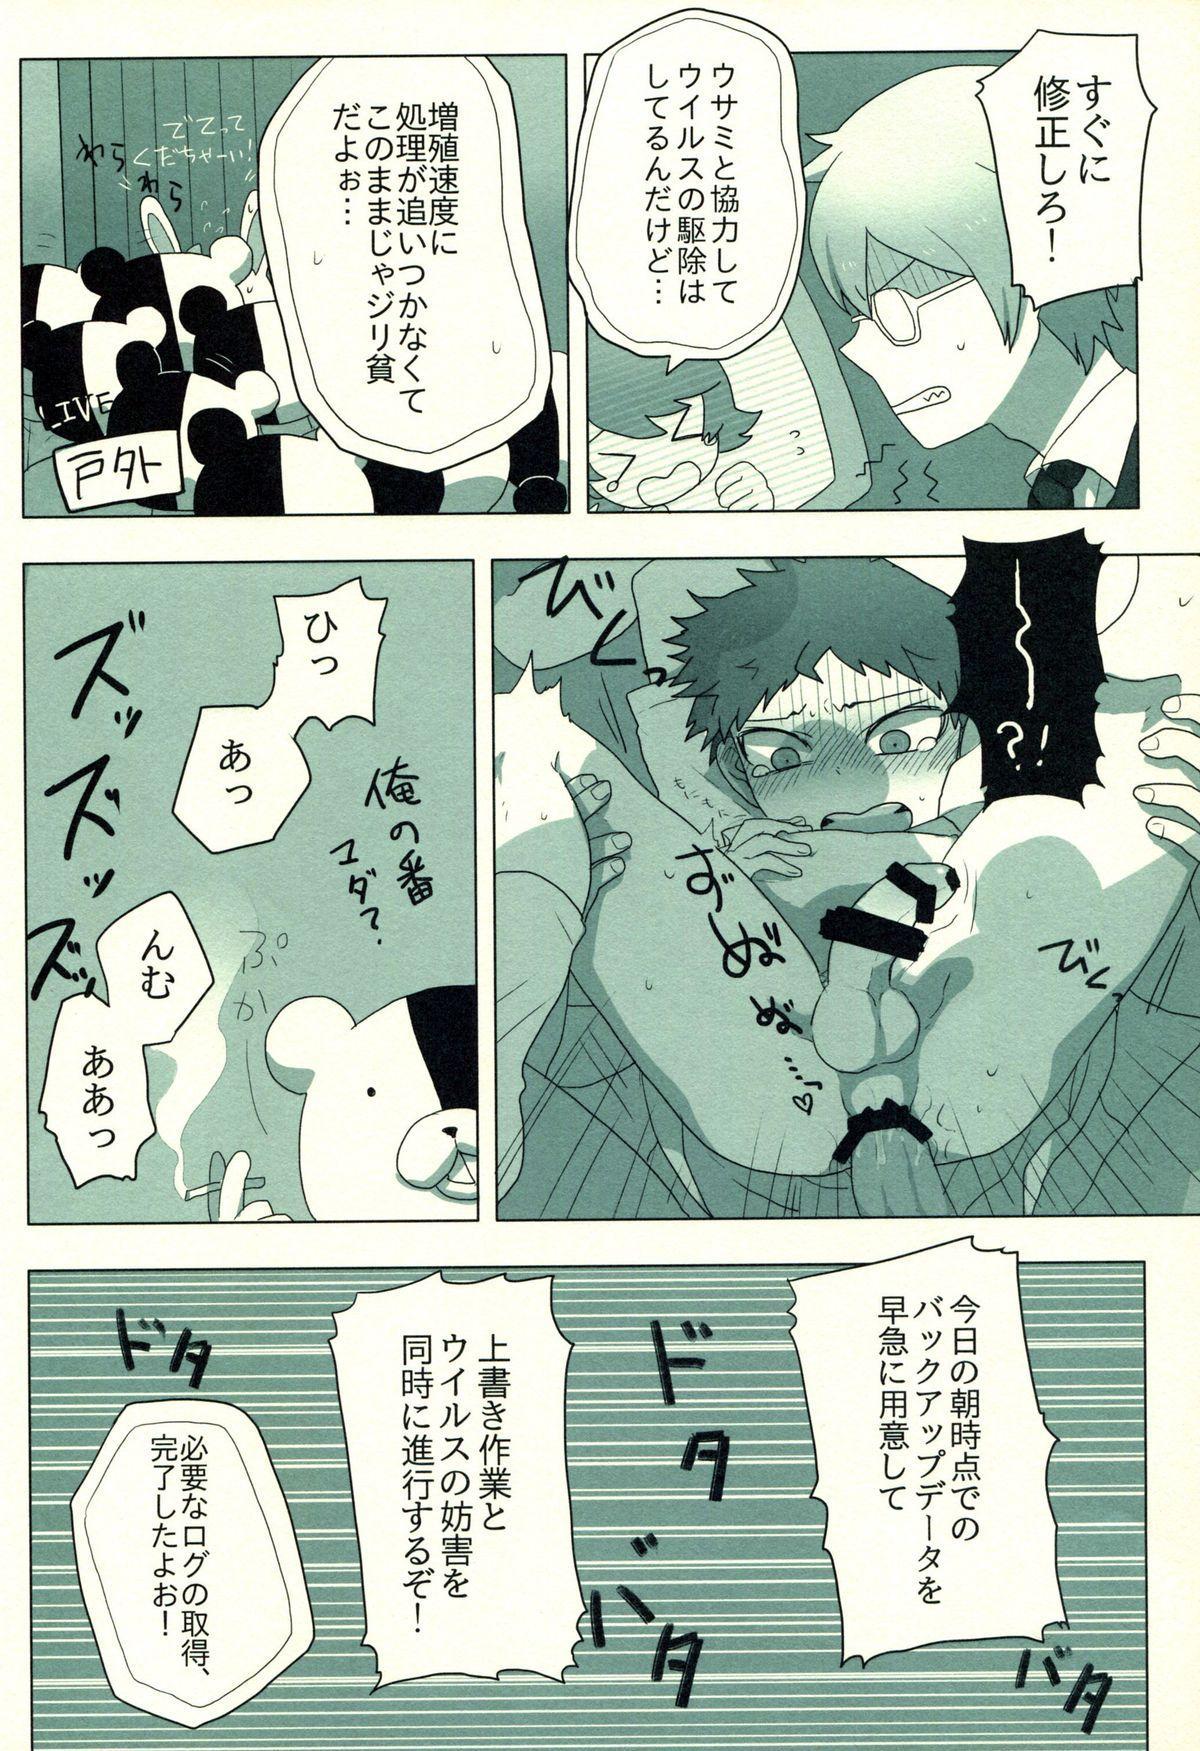 Hinata Hajime no Himitsu no Jikan 20